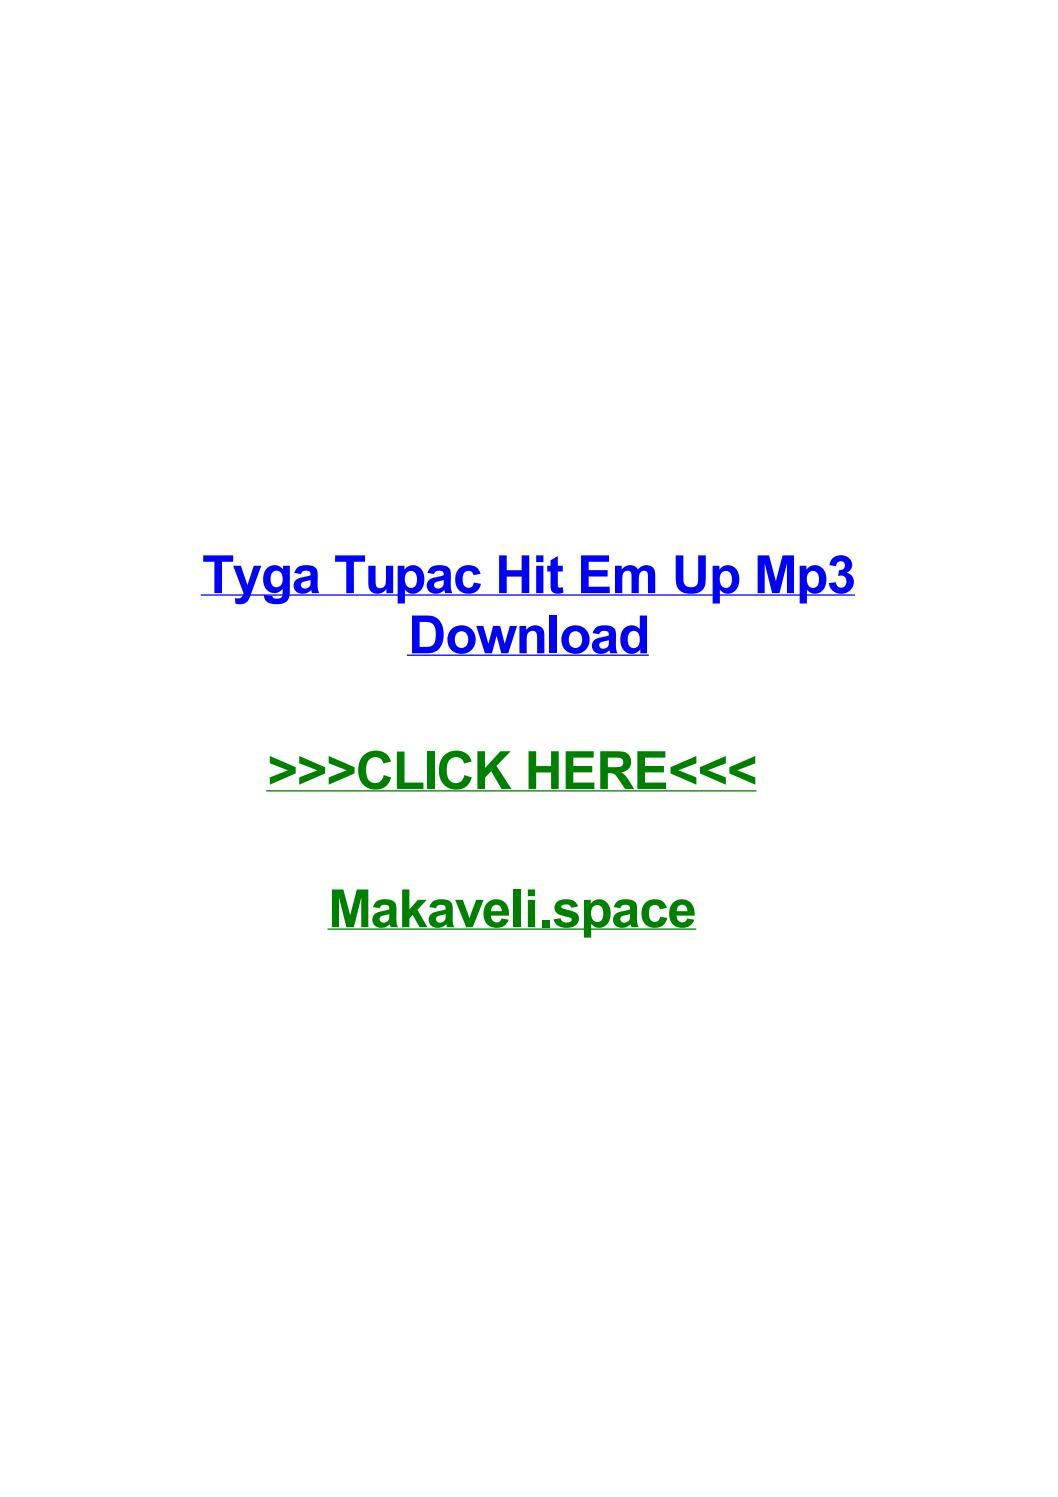 Tyga tupac hit em up mp3 download